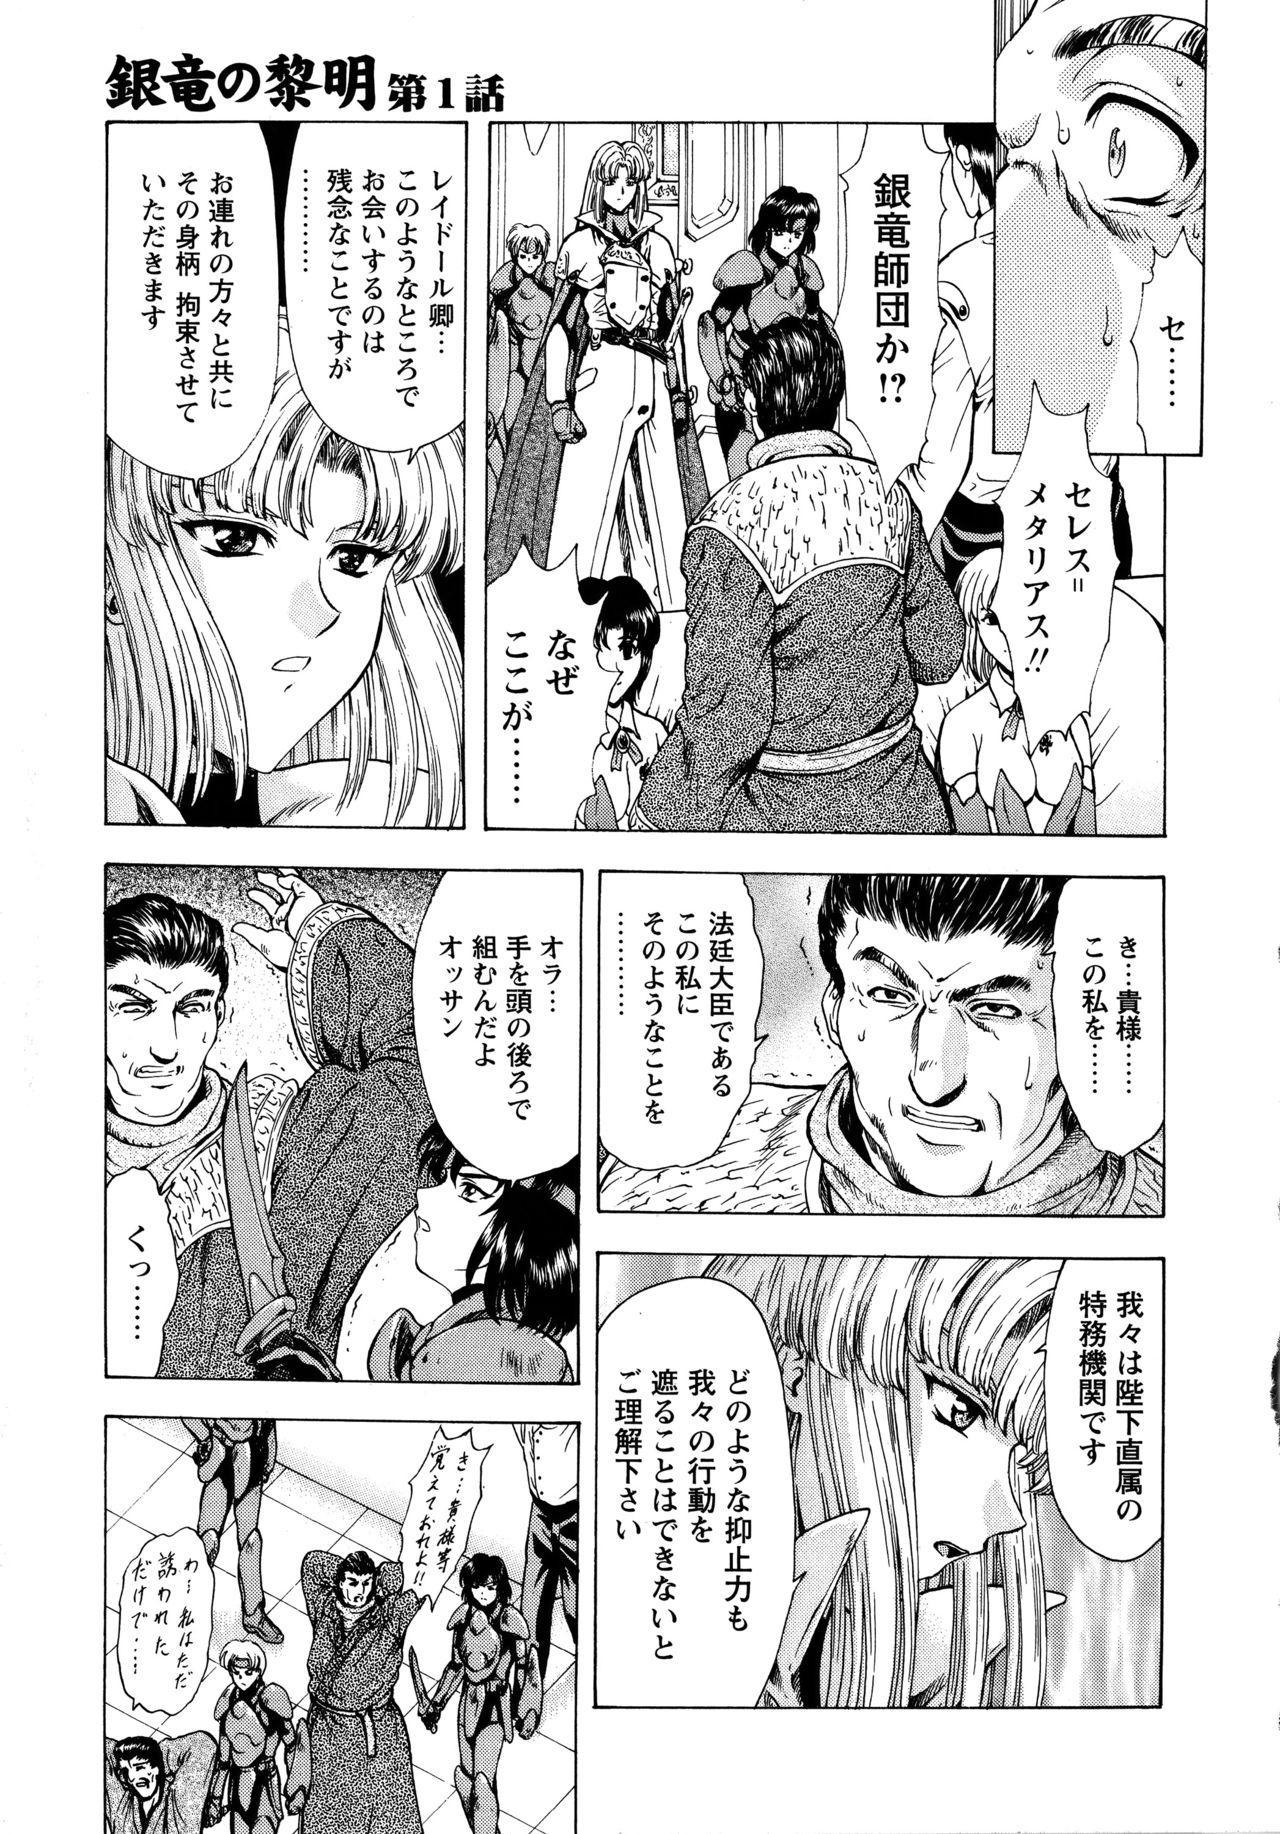 Ginryuu no Reimei Vol. 1 14